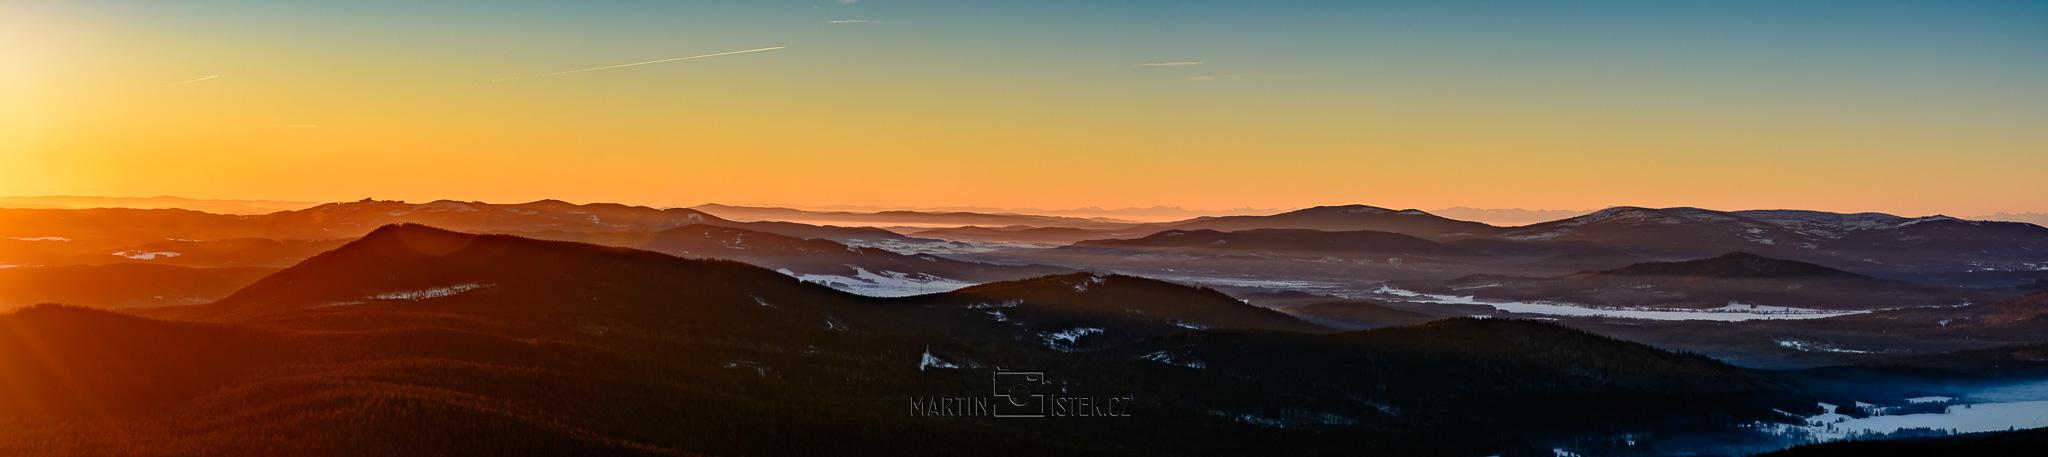 Východ slunce, rozhledna Boubín. Panorama složeno ze 7 snímků, vertikální snímání